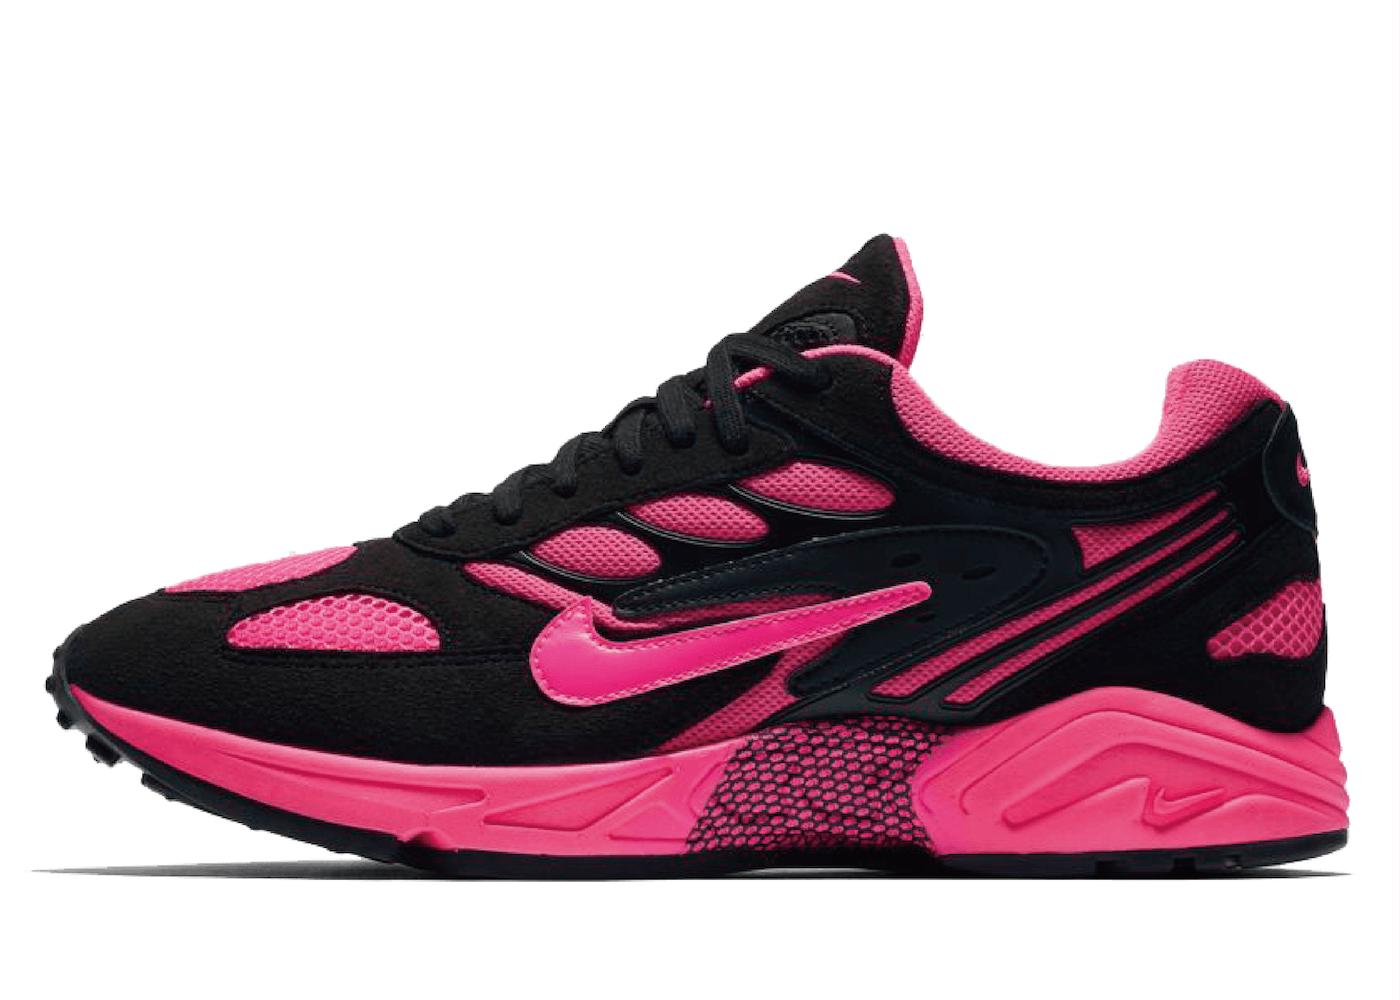 Nike Air Ghost Racer Black Pinkの写真